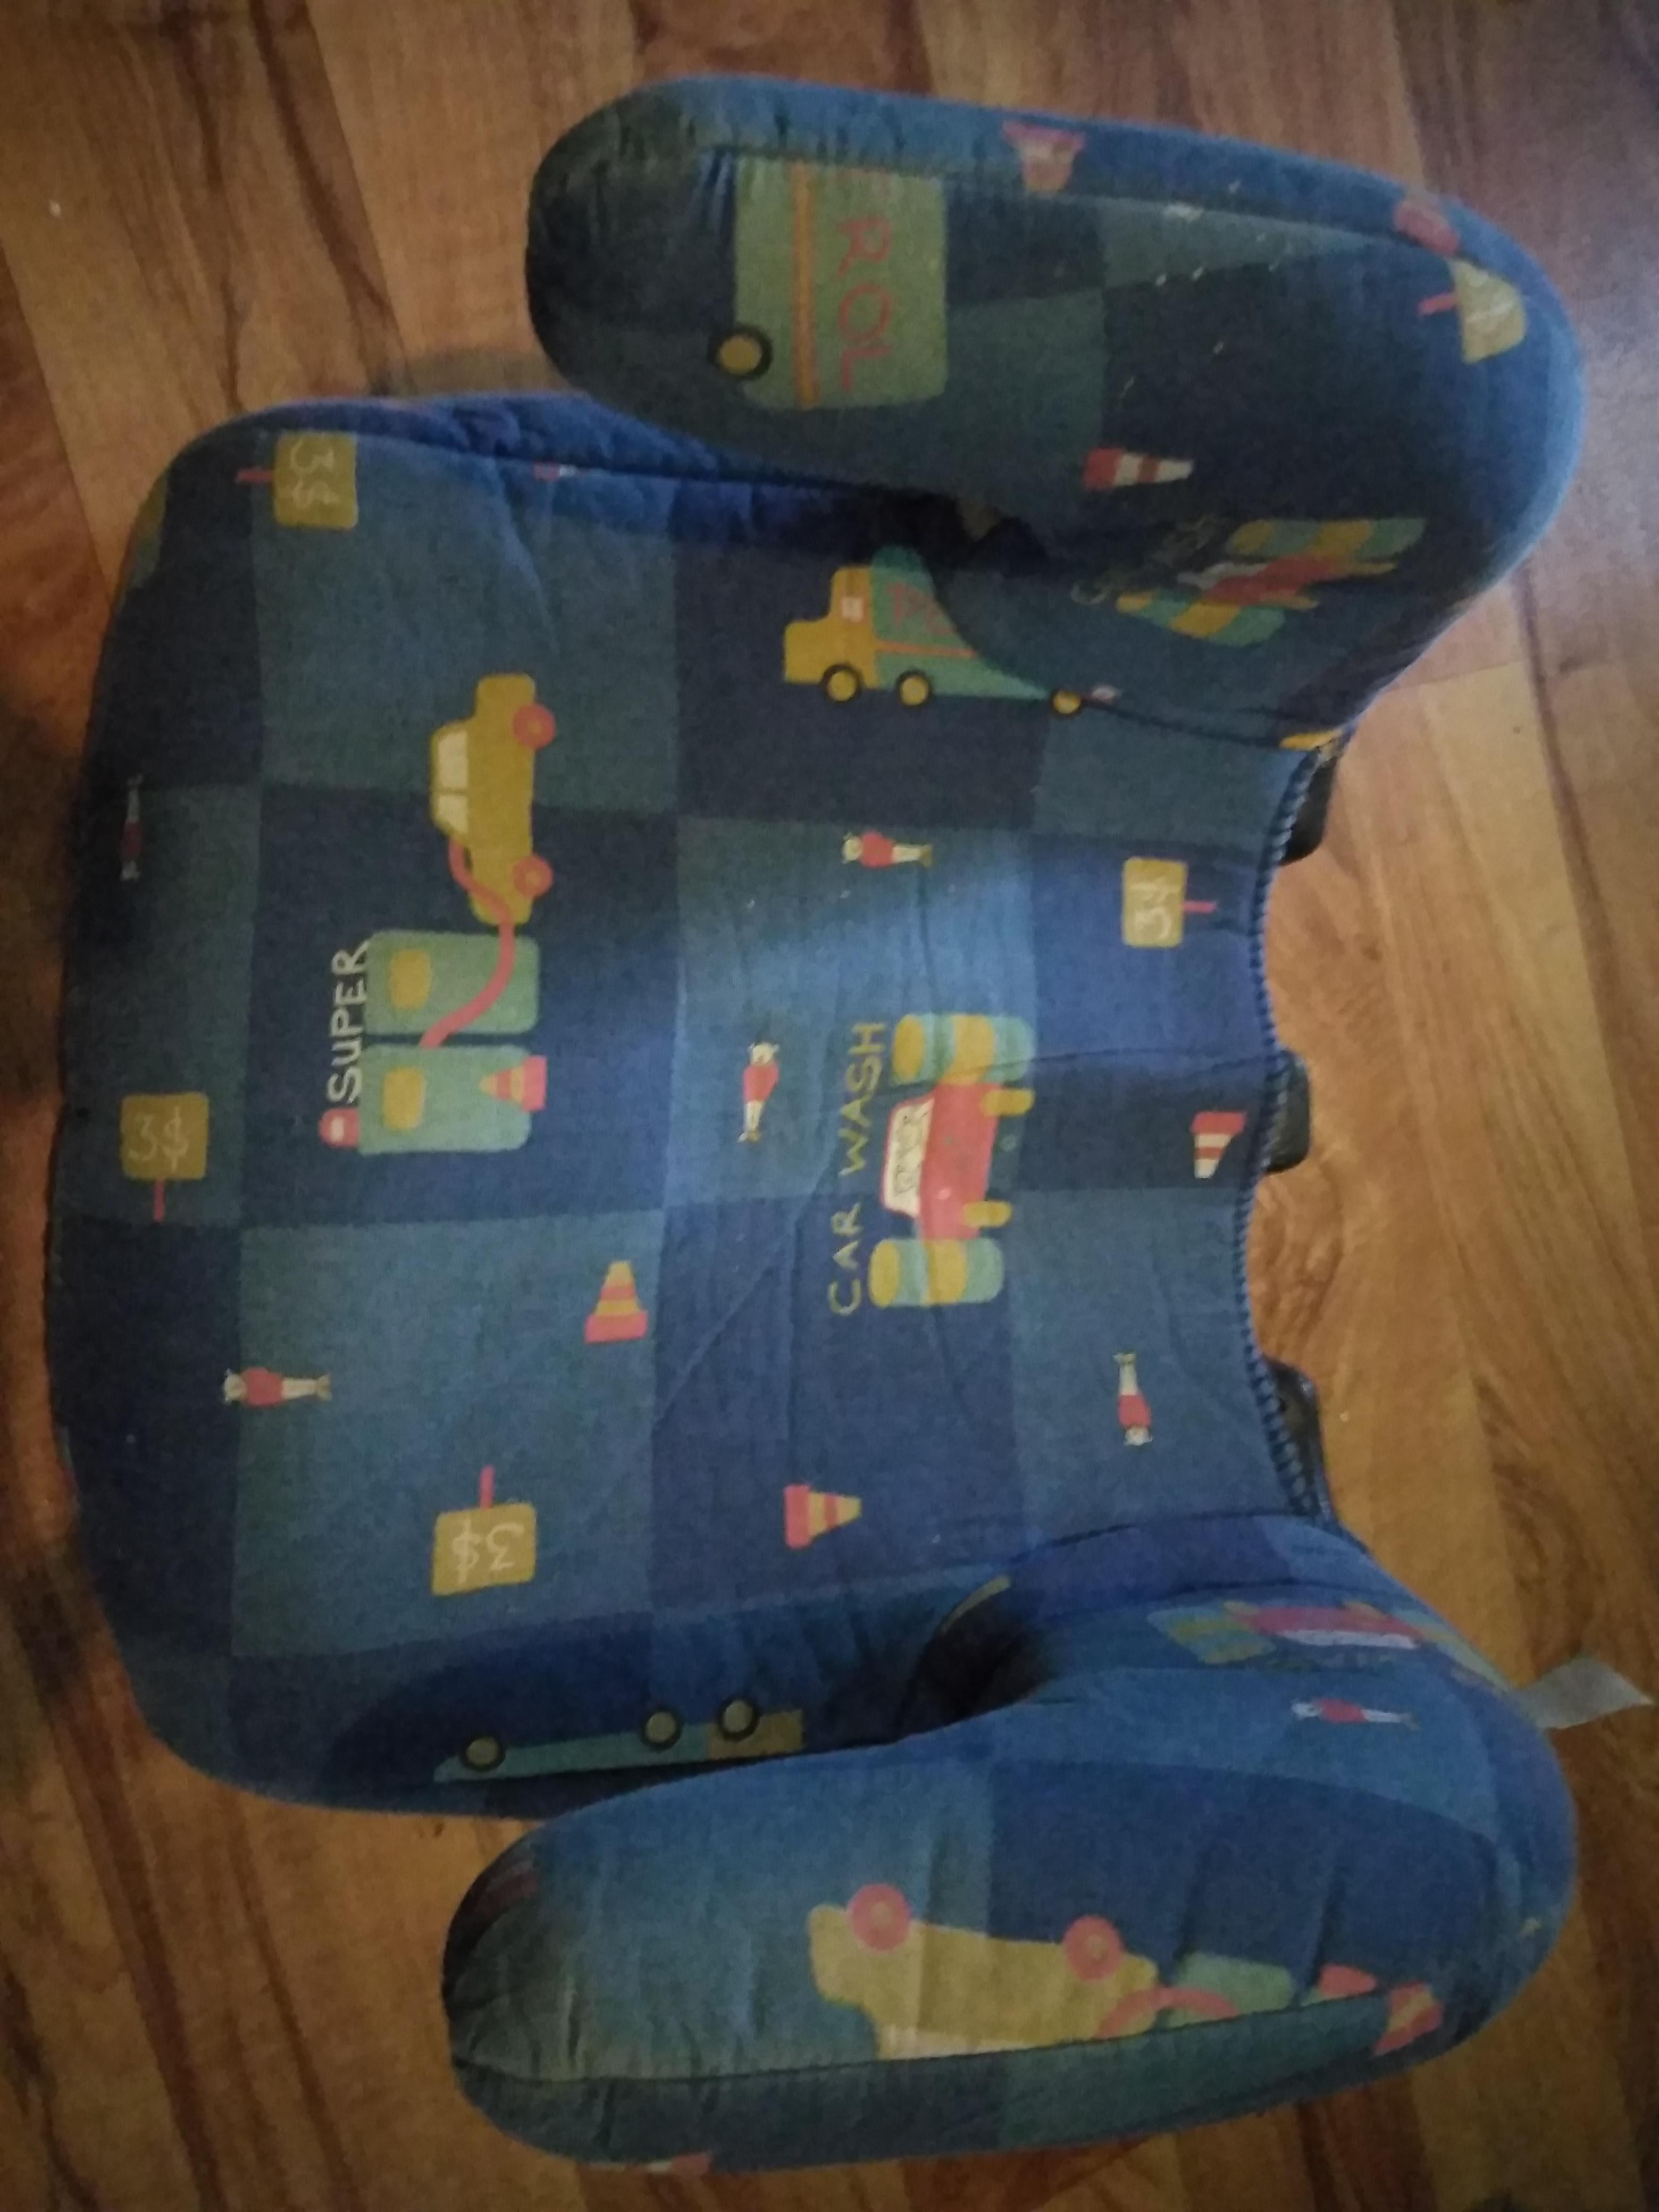 Kinder-Sitzerhöhung tauschen